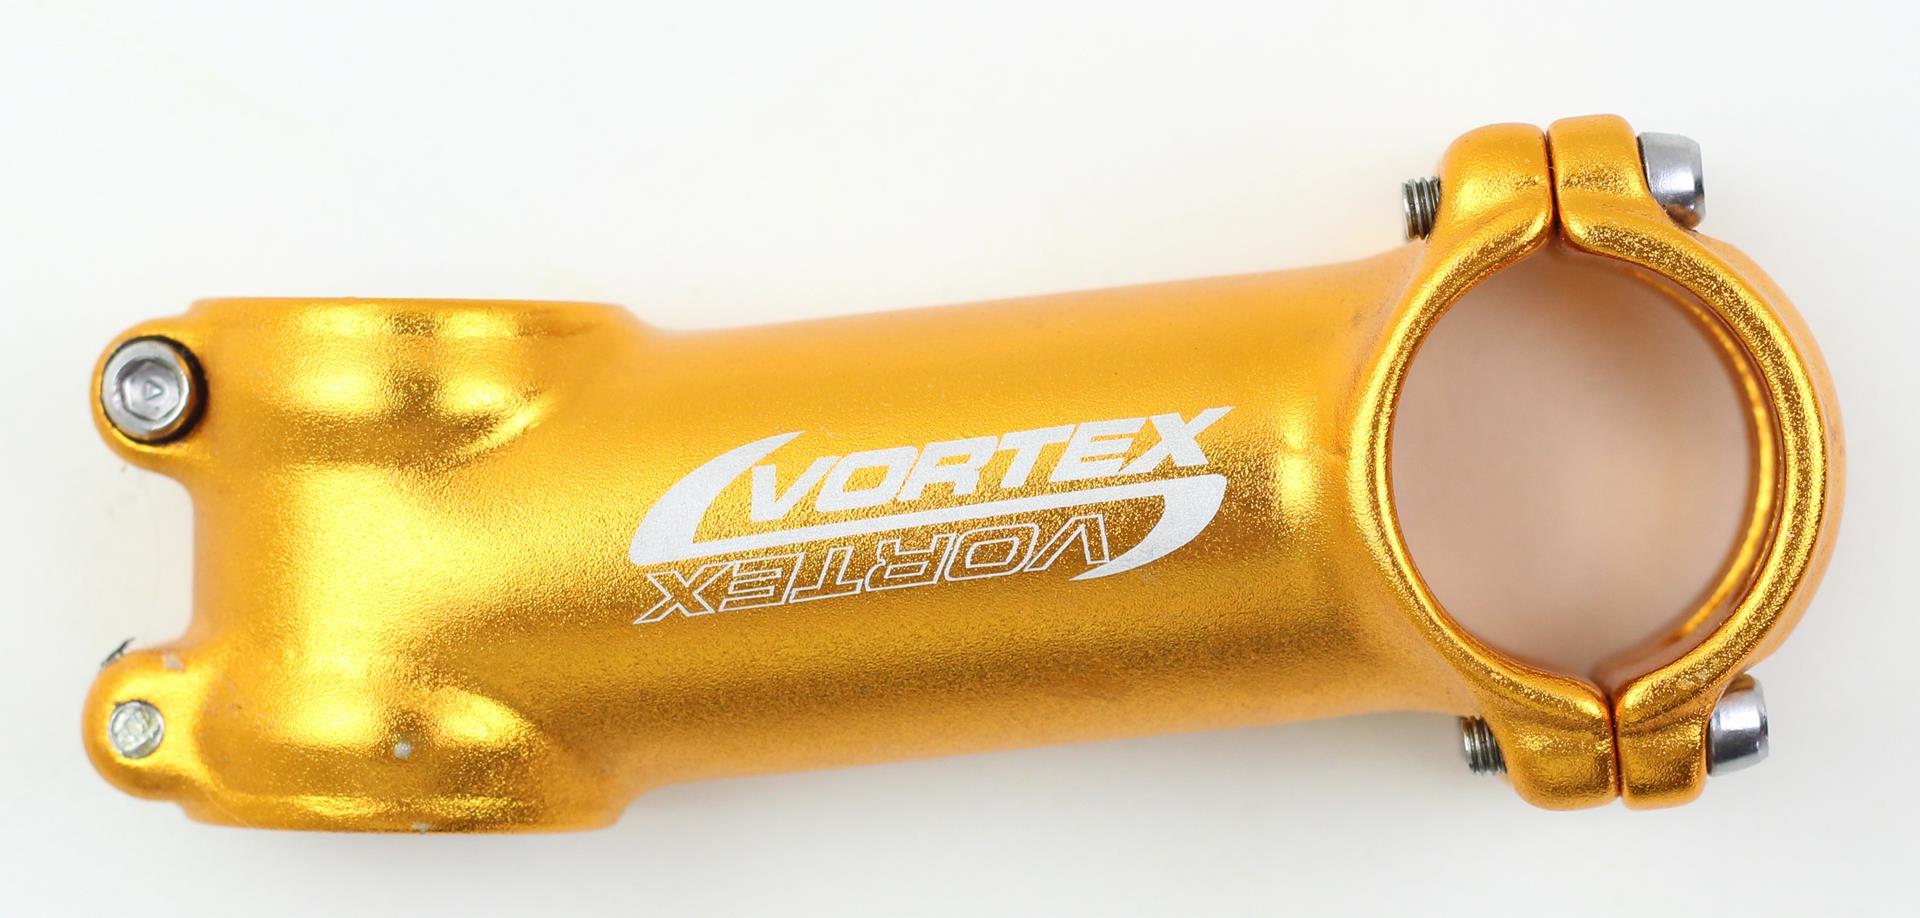 Mesa Avanço Bicicleta Mtb Vortex 90mm 31.8mm 8º De Inclinação Cor Dourada